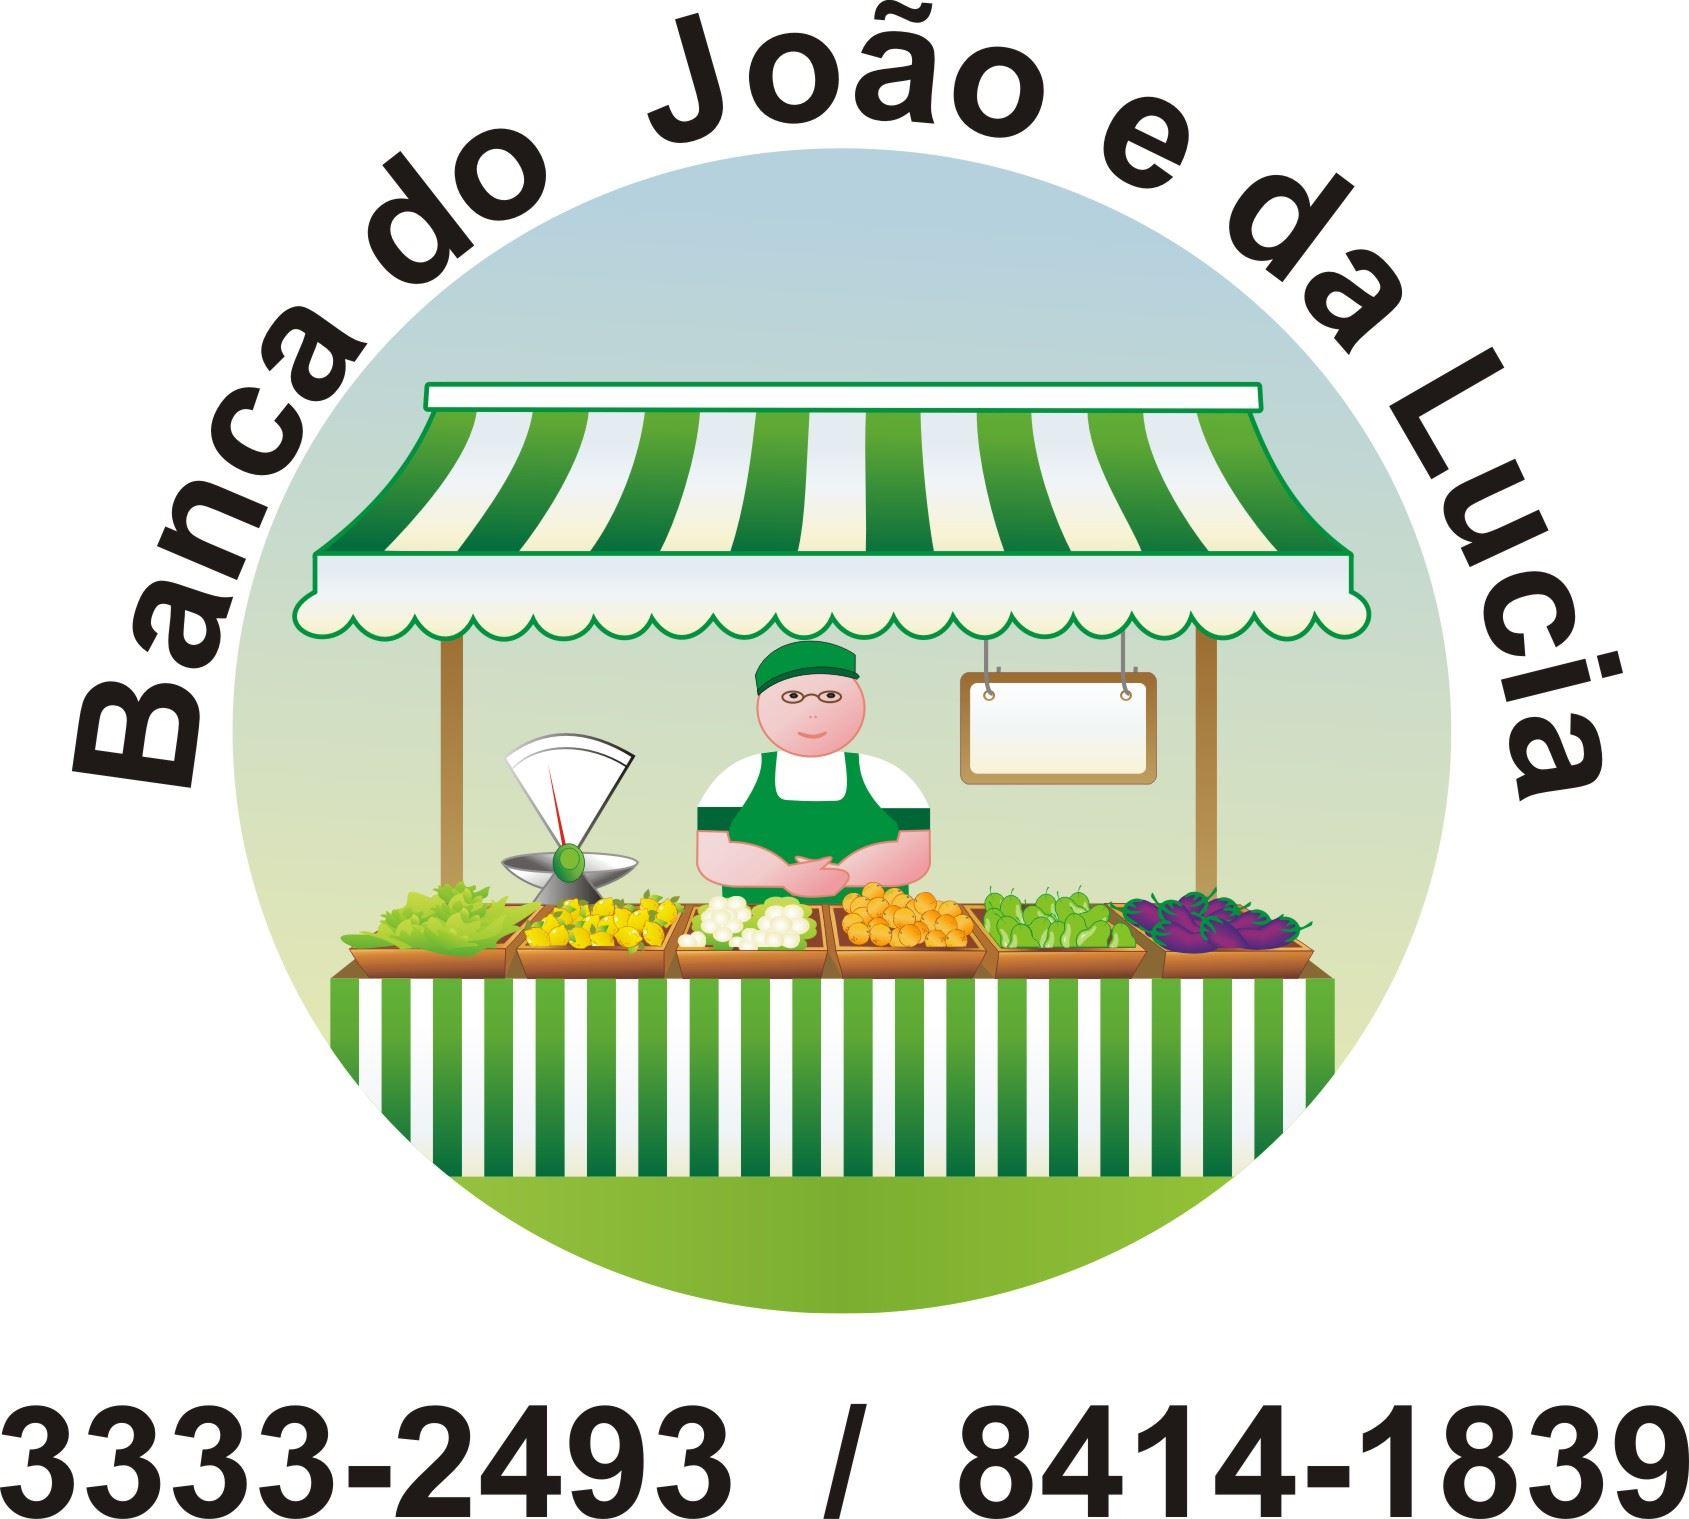 Logotipo - Banca do João